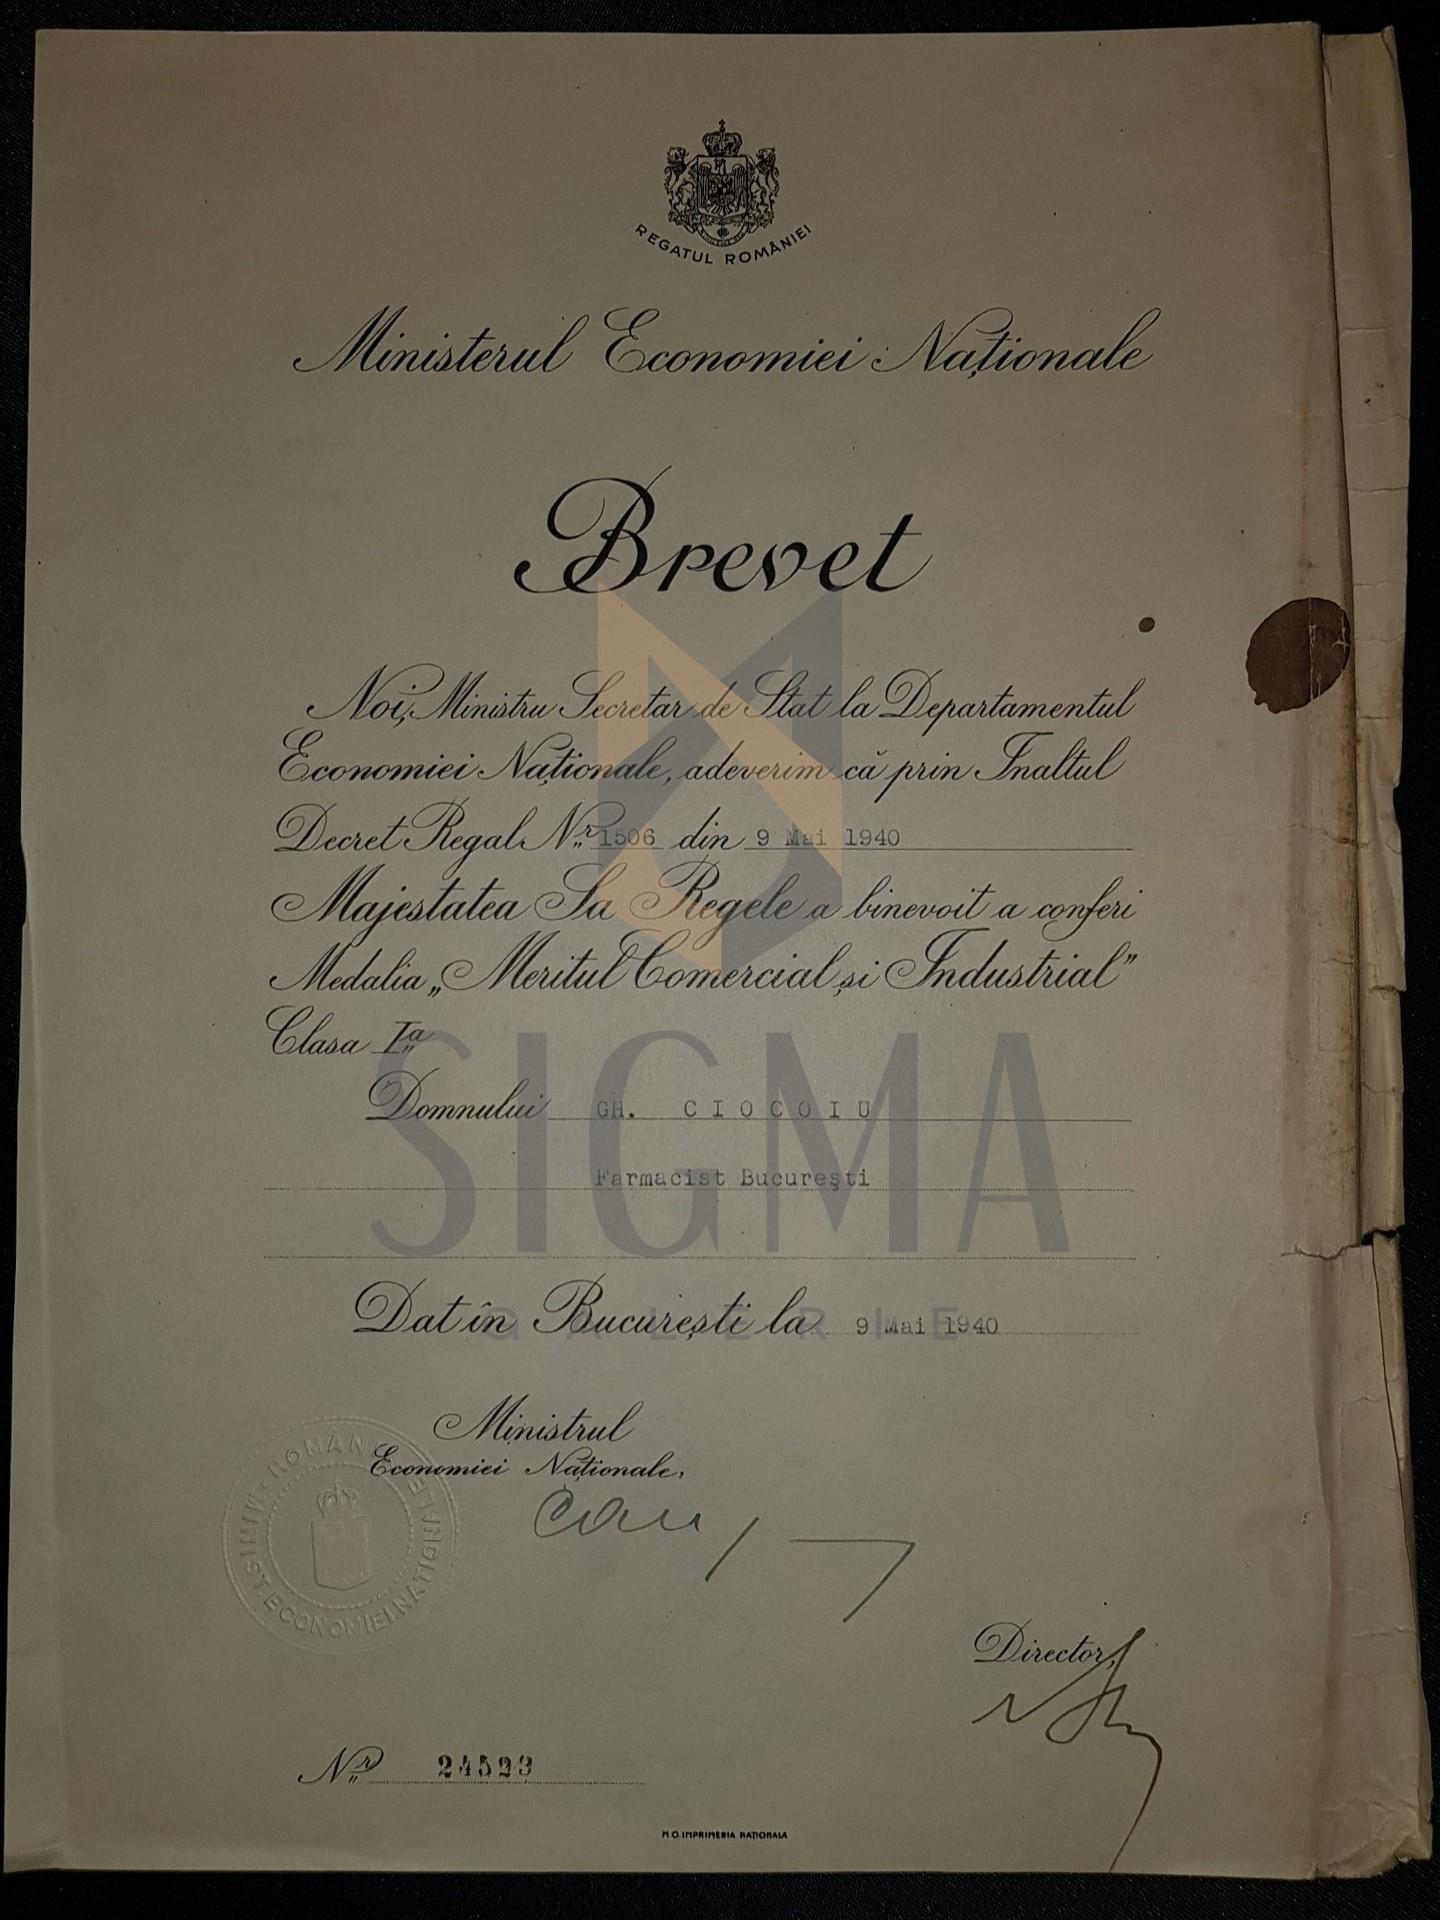 """BREVET, REGELE MIHAI I, MINISTERUL ECEONOMIEI NATIONALE, MEDALIA """"MERITUL COMERCIAL SI INDUSTRIAL CLASA I-A"""", FARMACIST DIN BUCURESTI, 1940"""